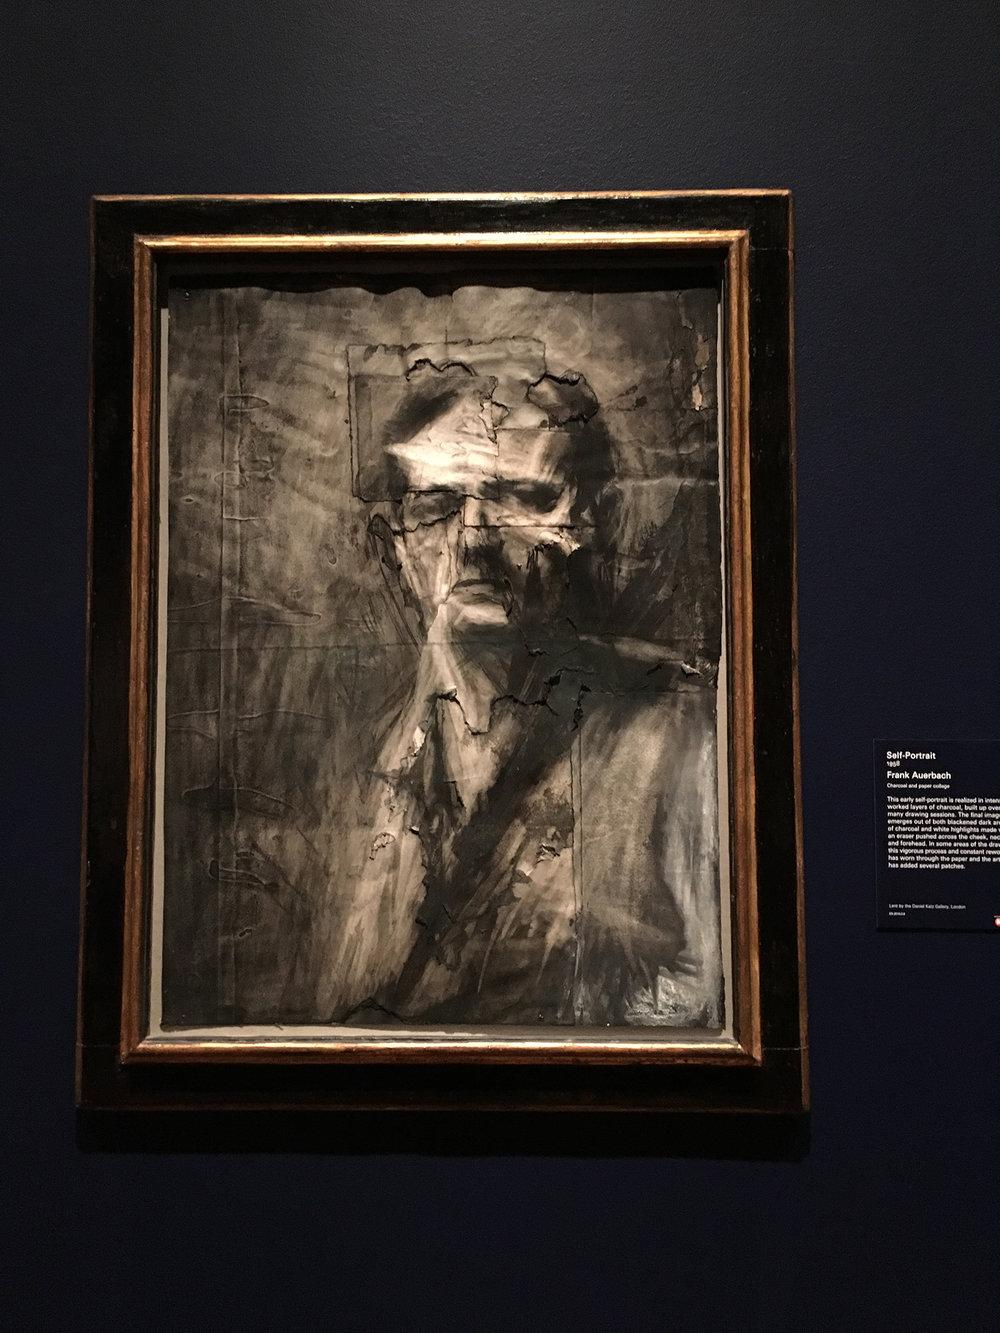 Frank Auerbach, Self Portrait